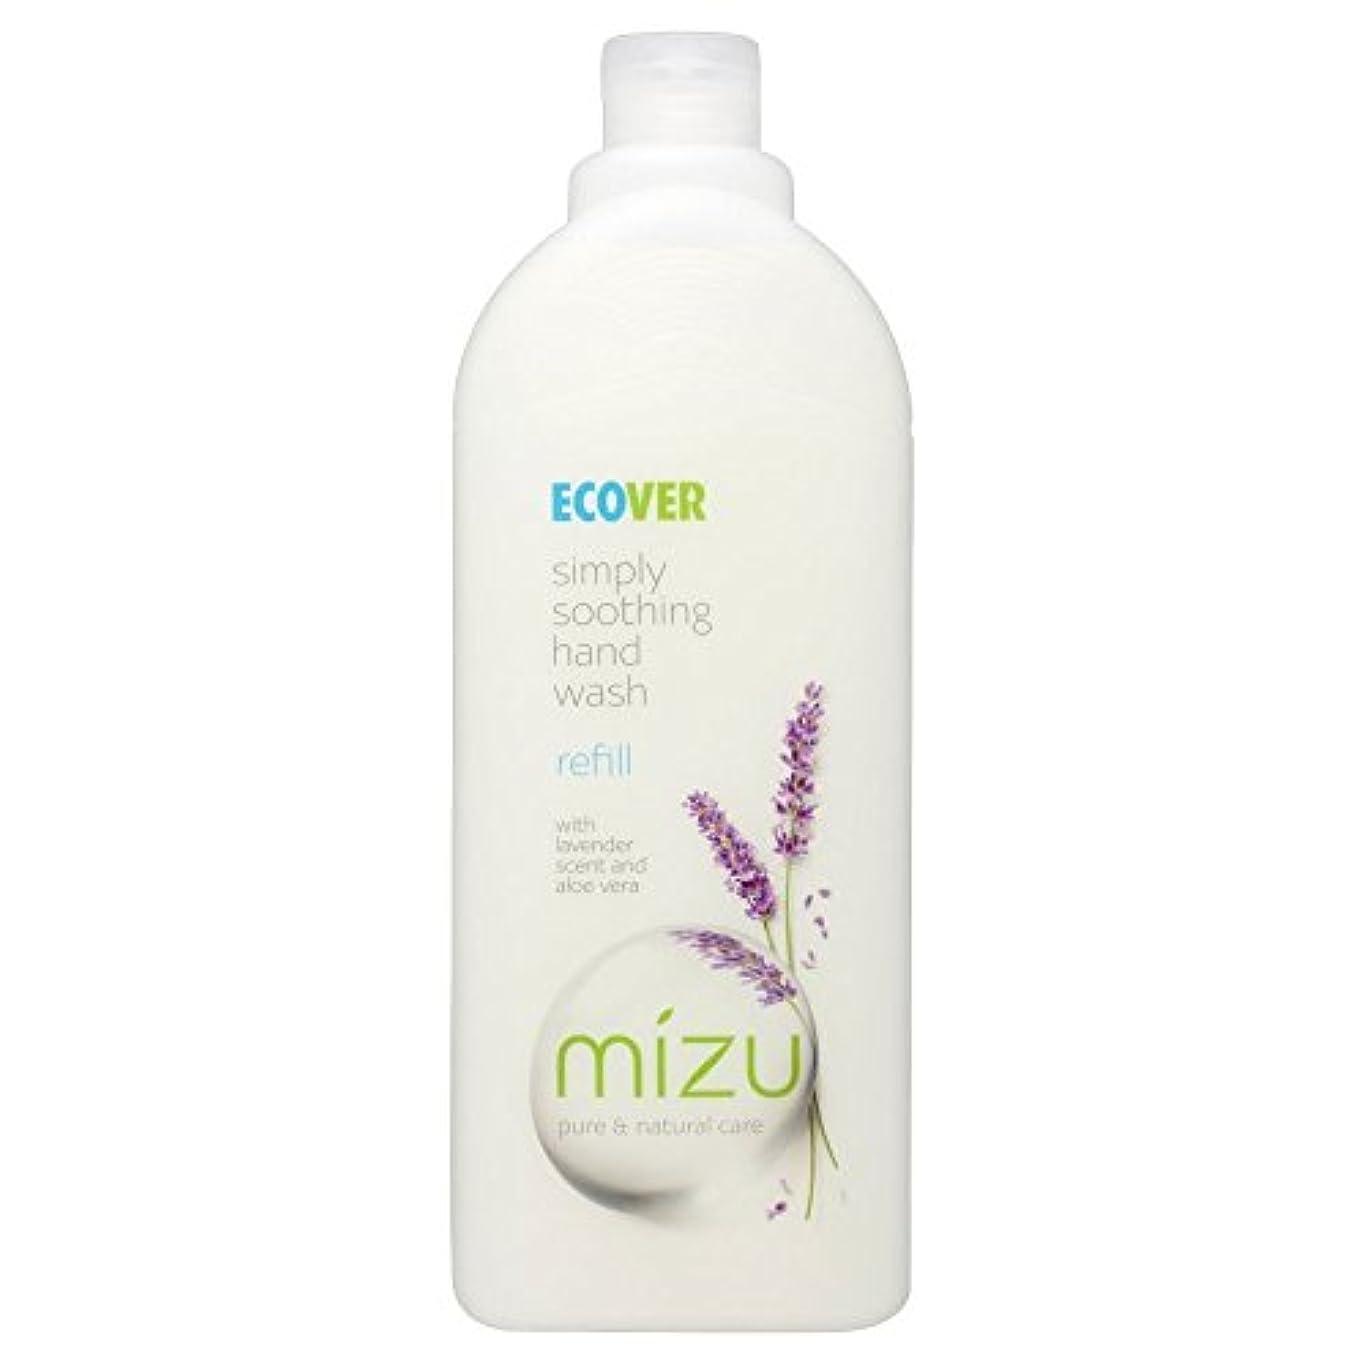 序文バレーボール葉Ecover Liquid Hand Soap Lavender & Aloe Vera Refill (1L) エコベール液体ハンドソープラベンダーとアロエベラリフィル??( 1リットル) [並行輸入品]